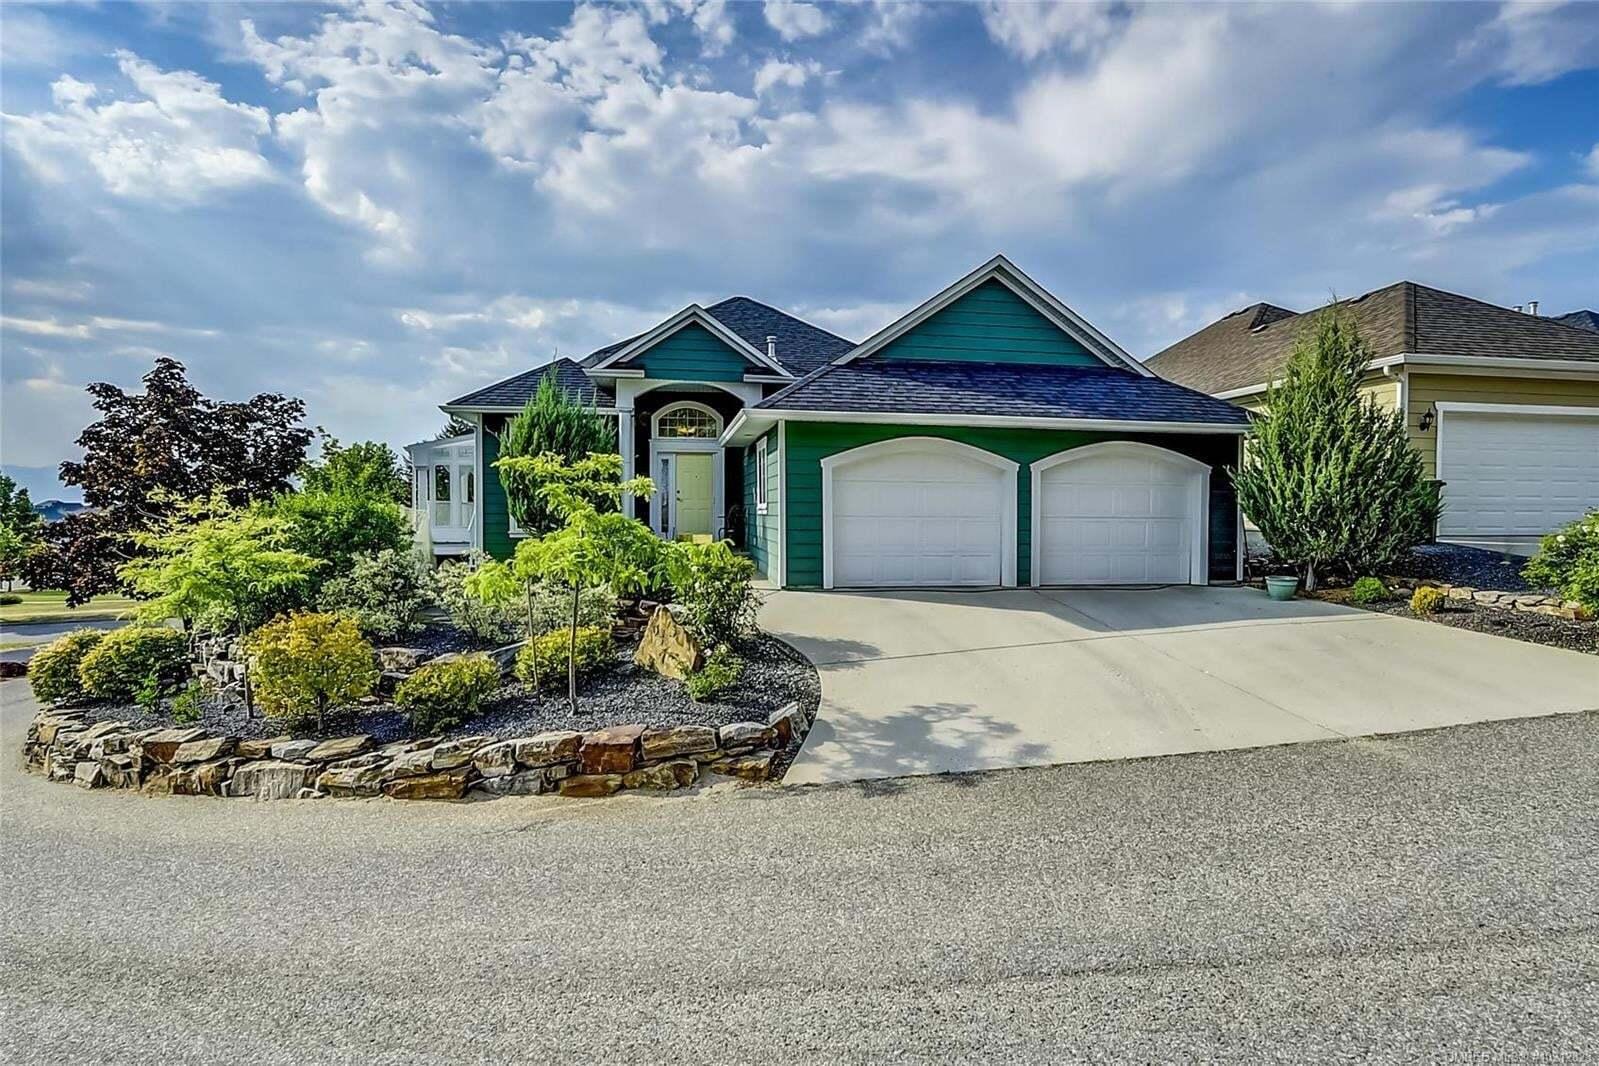 House for sale at 351 Mccarren Ave Kelowna British Columbia - MLS: 10212823